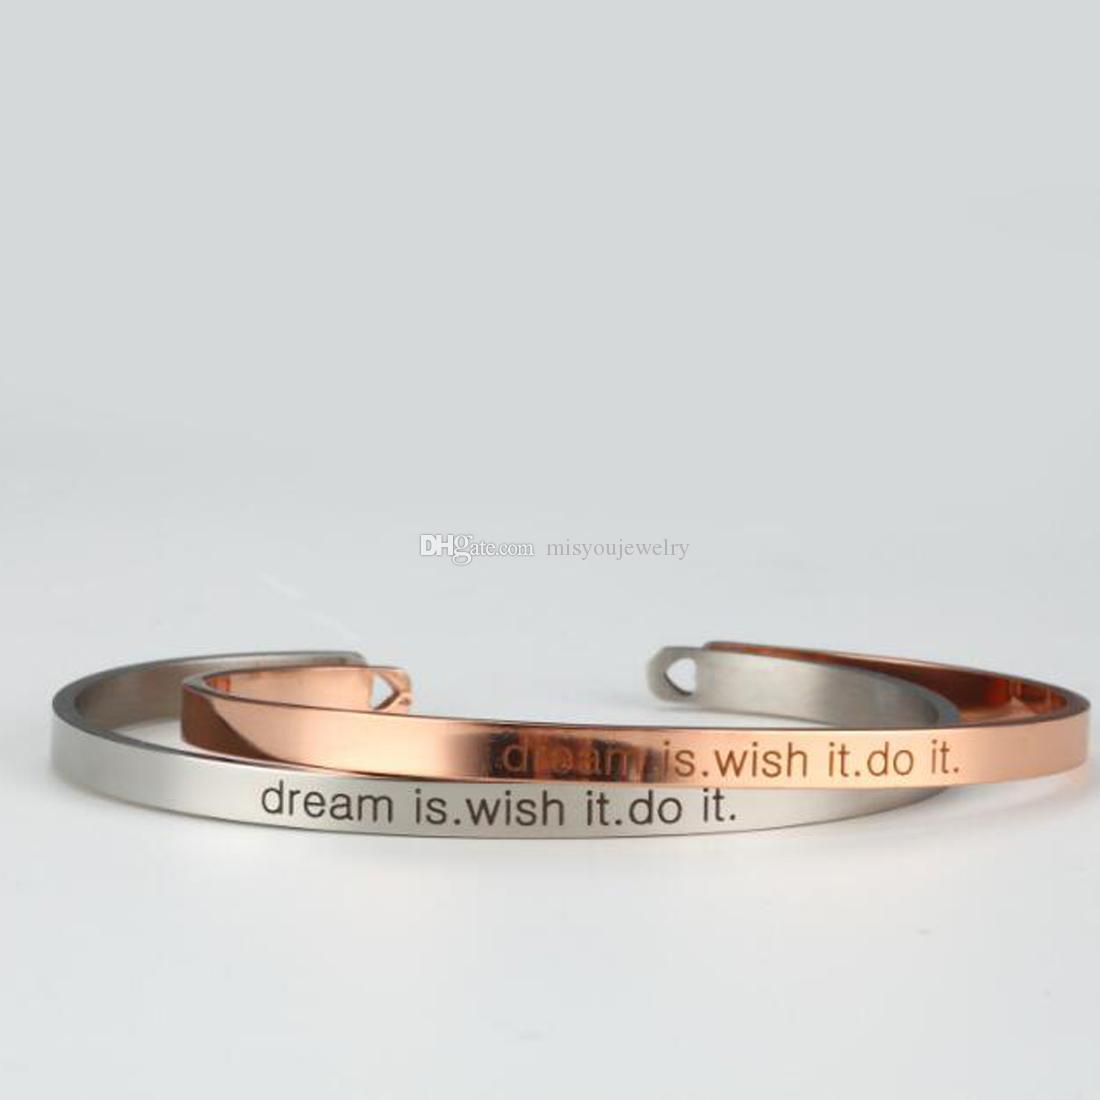 Fashion jewelry accessories Inspiration Bracelet,dream it wish it do it Bracelet,Friendship Bracelet Fine jewelry